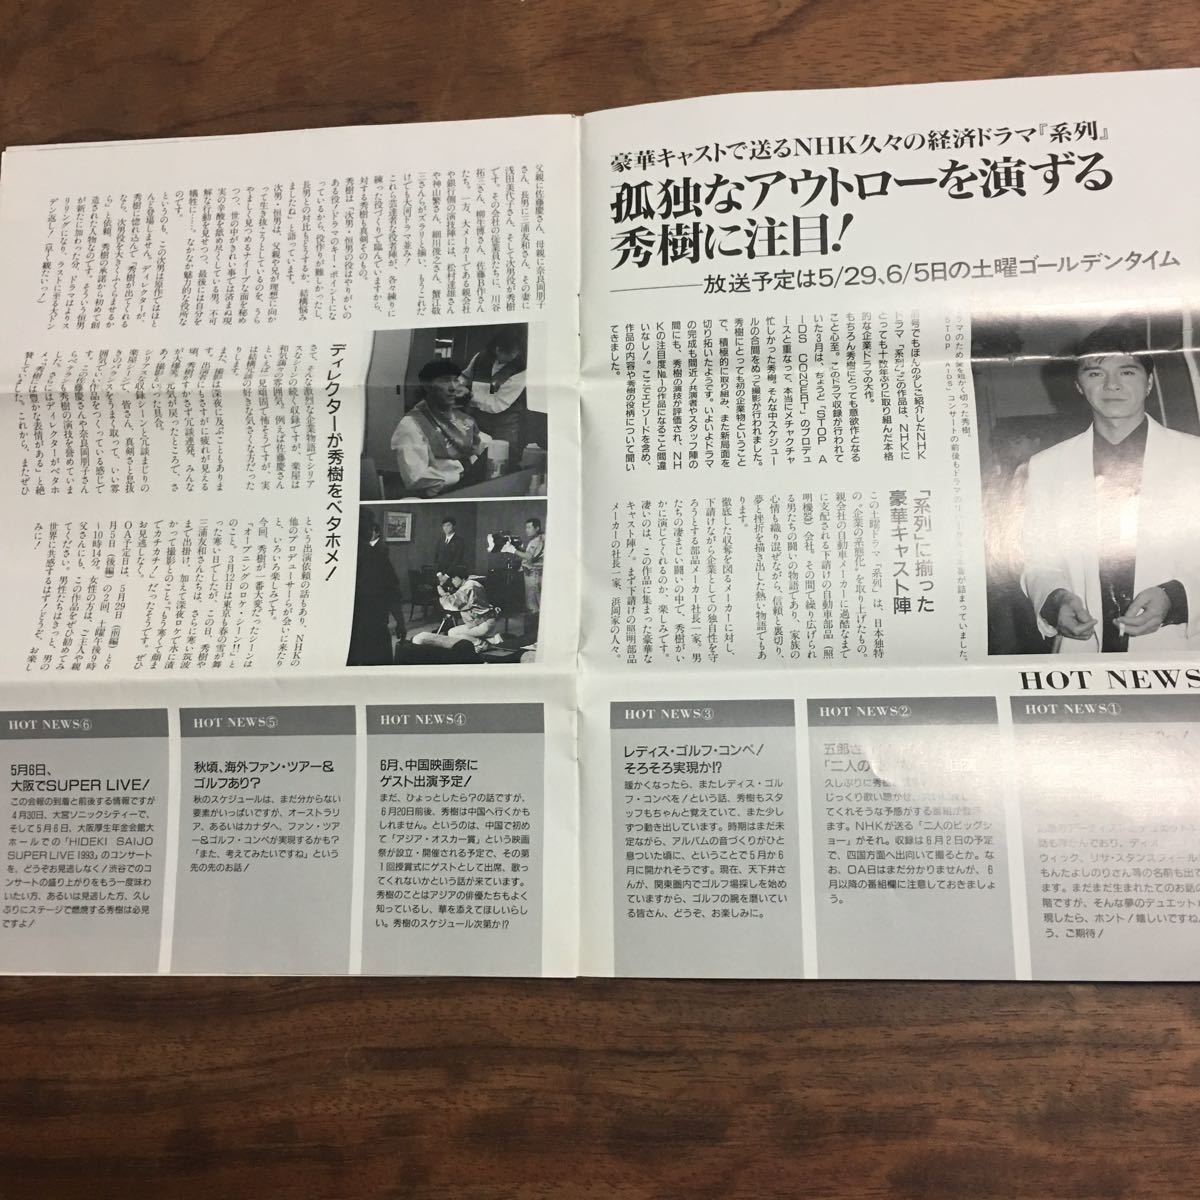 西城秀樹 ファンクラブ会報誌 DUET 1993 vol 29_画像2